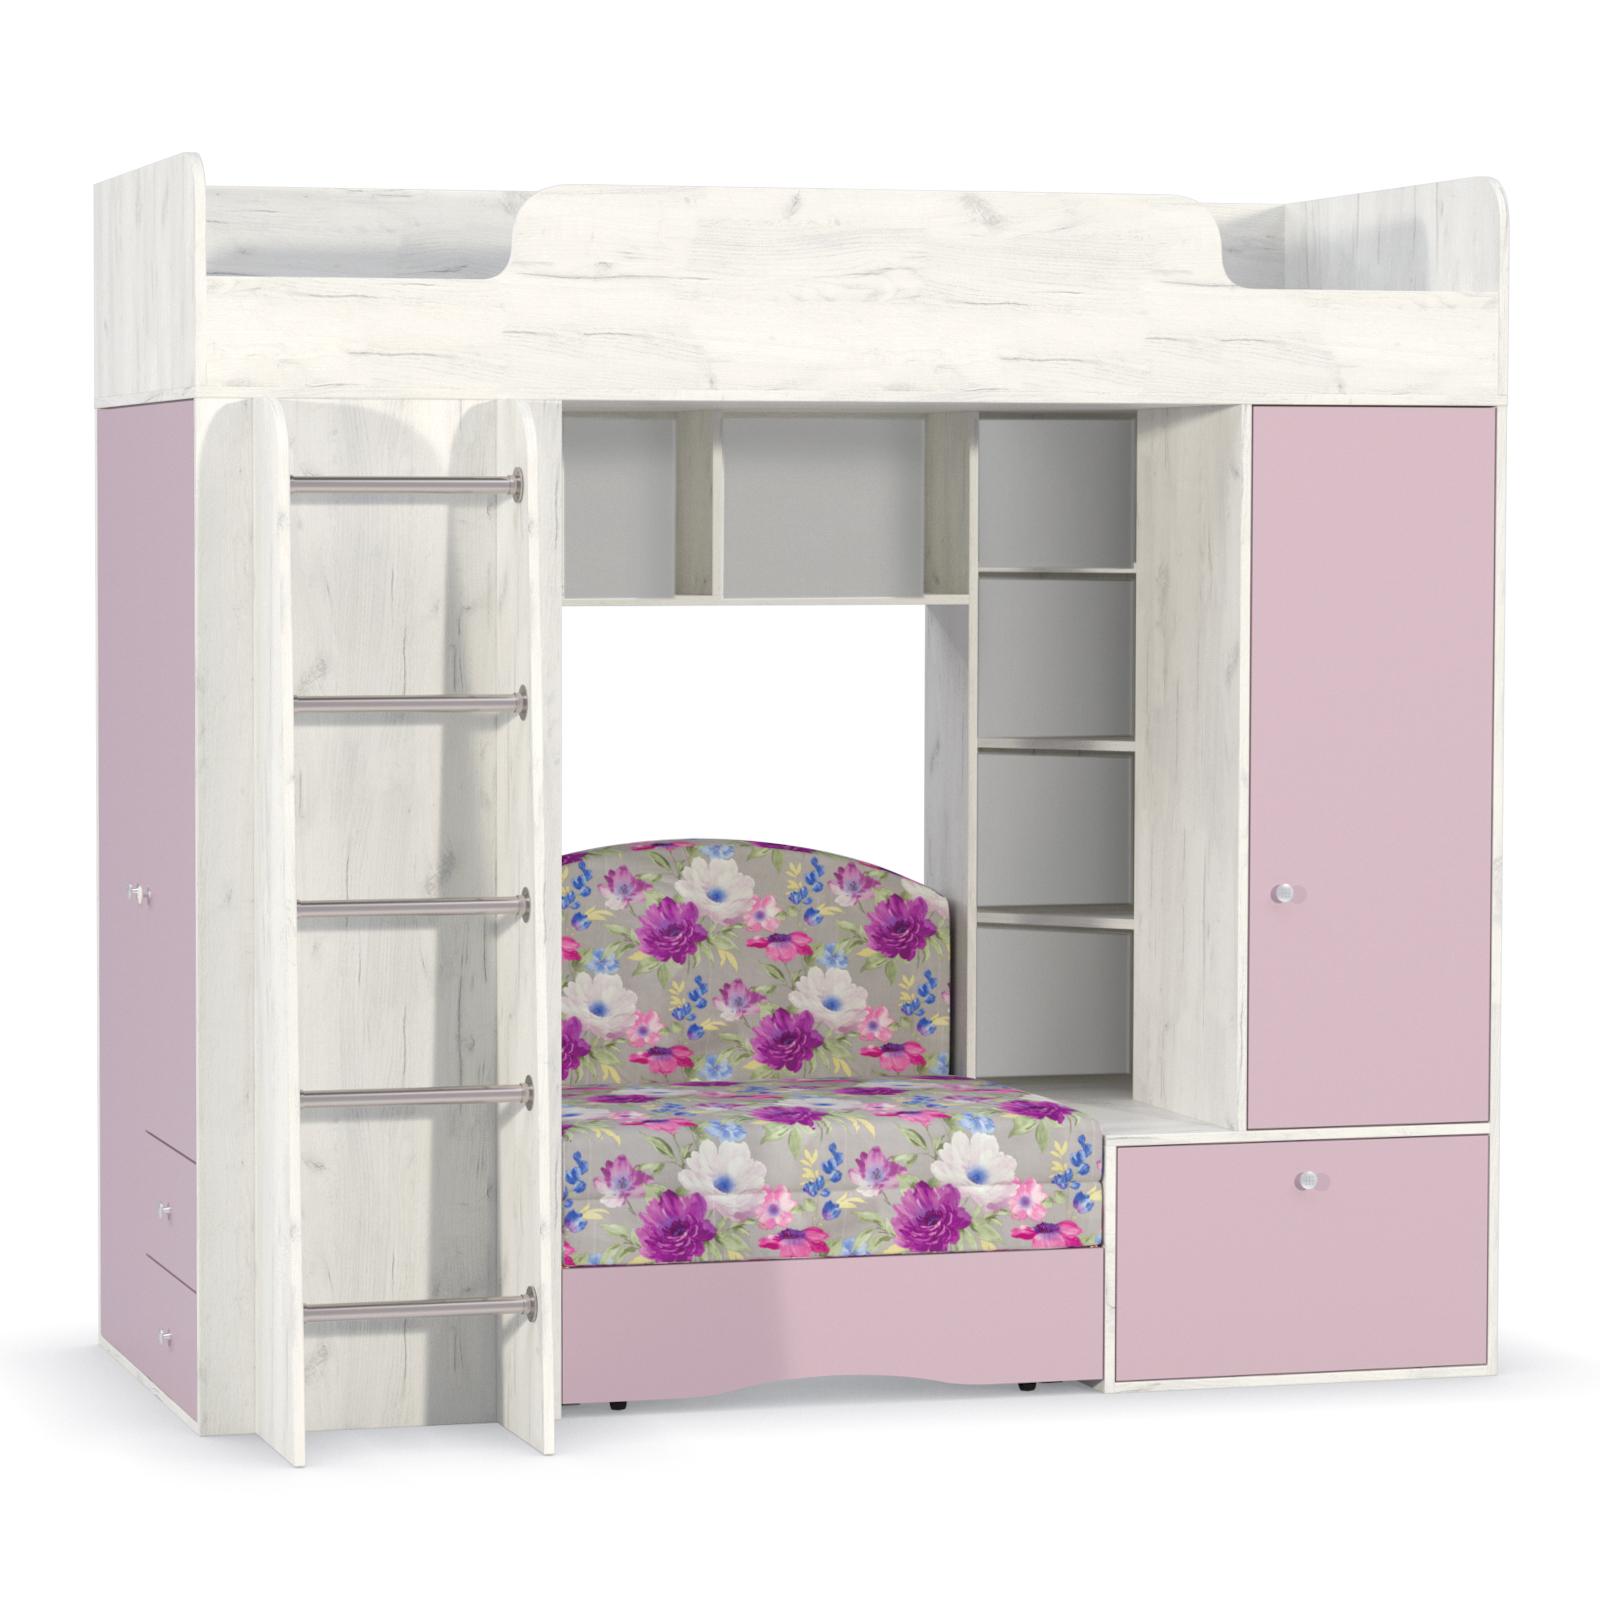 Тетрис 1 366 Кровать-чердак (с диванным блоком Арт. 03)